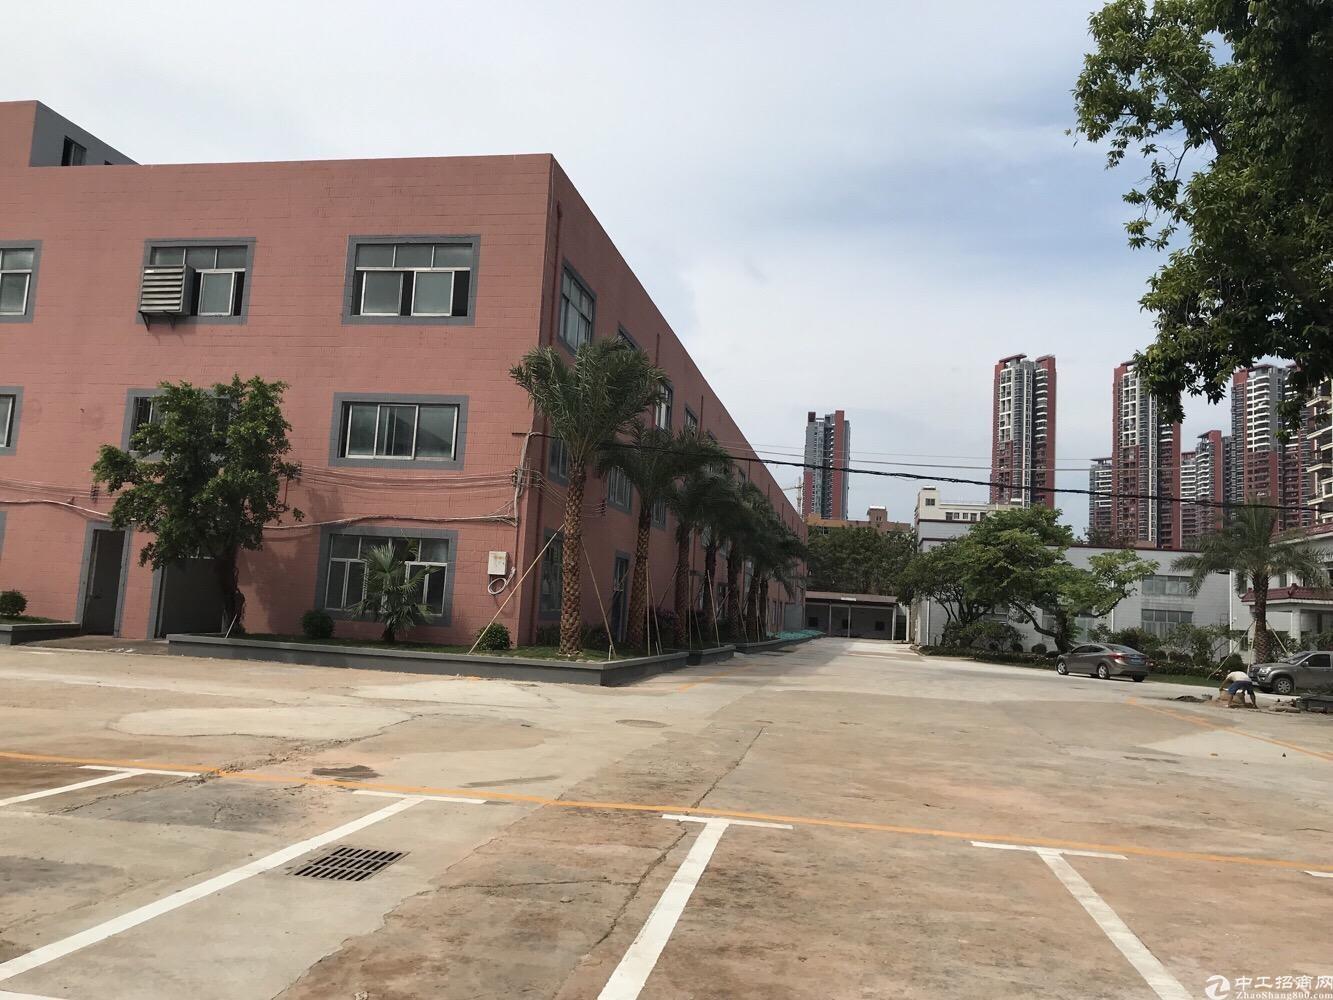 龙岗中心城新出独栋1楼2楼1100平厂房出租位置好空地大仓库